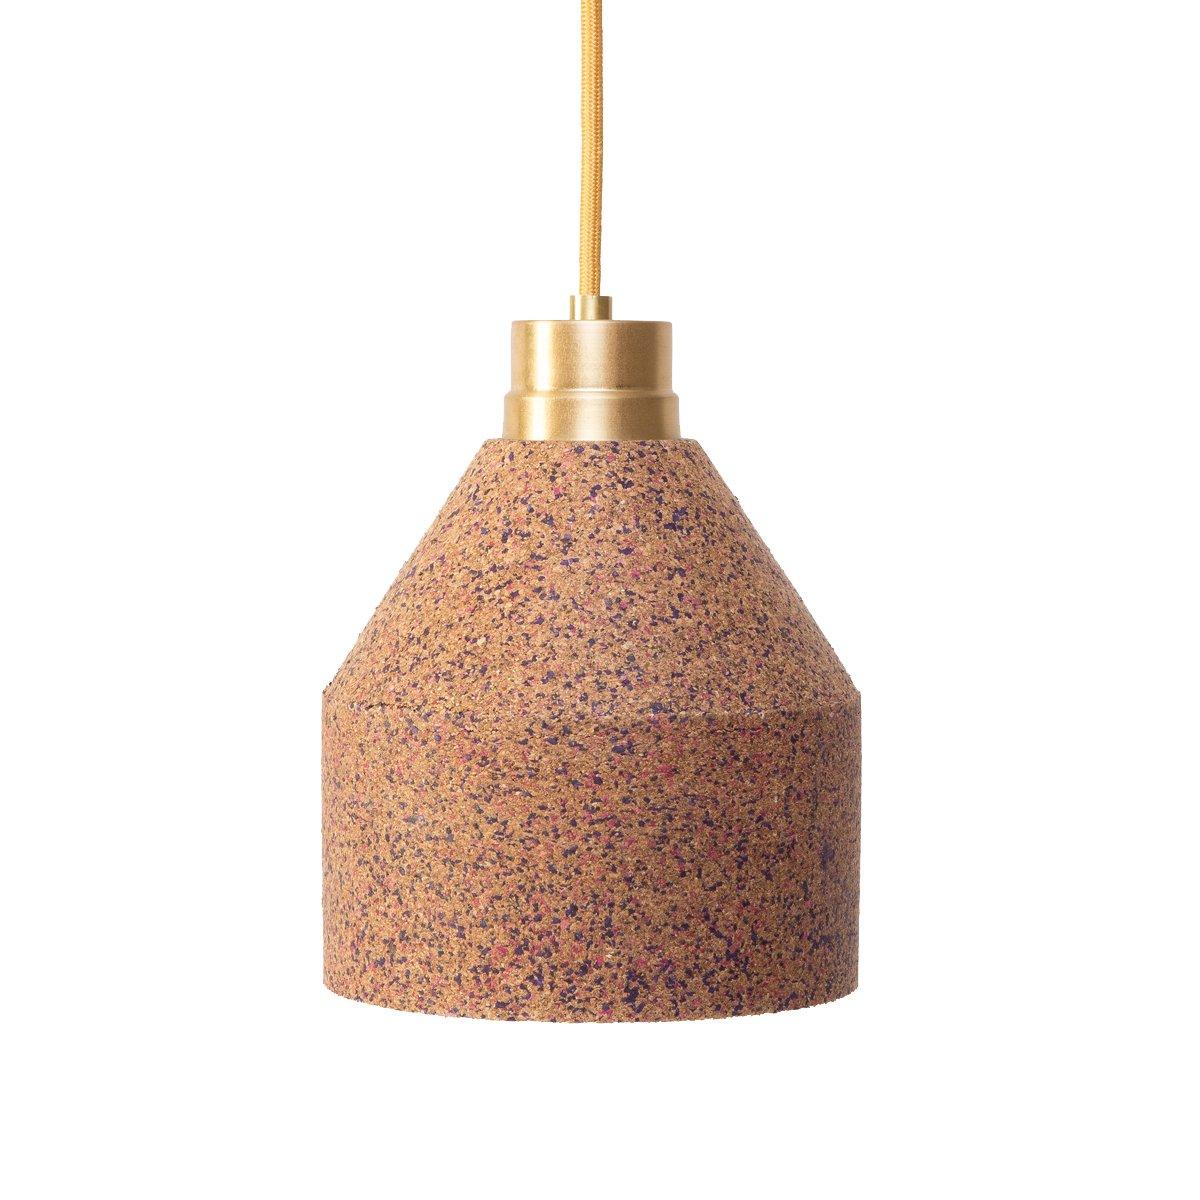 70 WS Lampe aus Naturkork mit Punktemuster in Bordeaux & Pink von Paul...